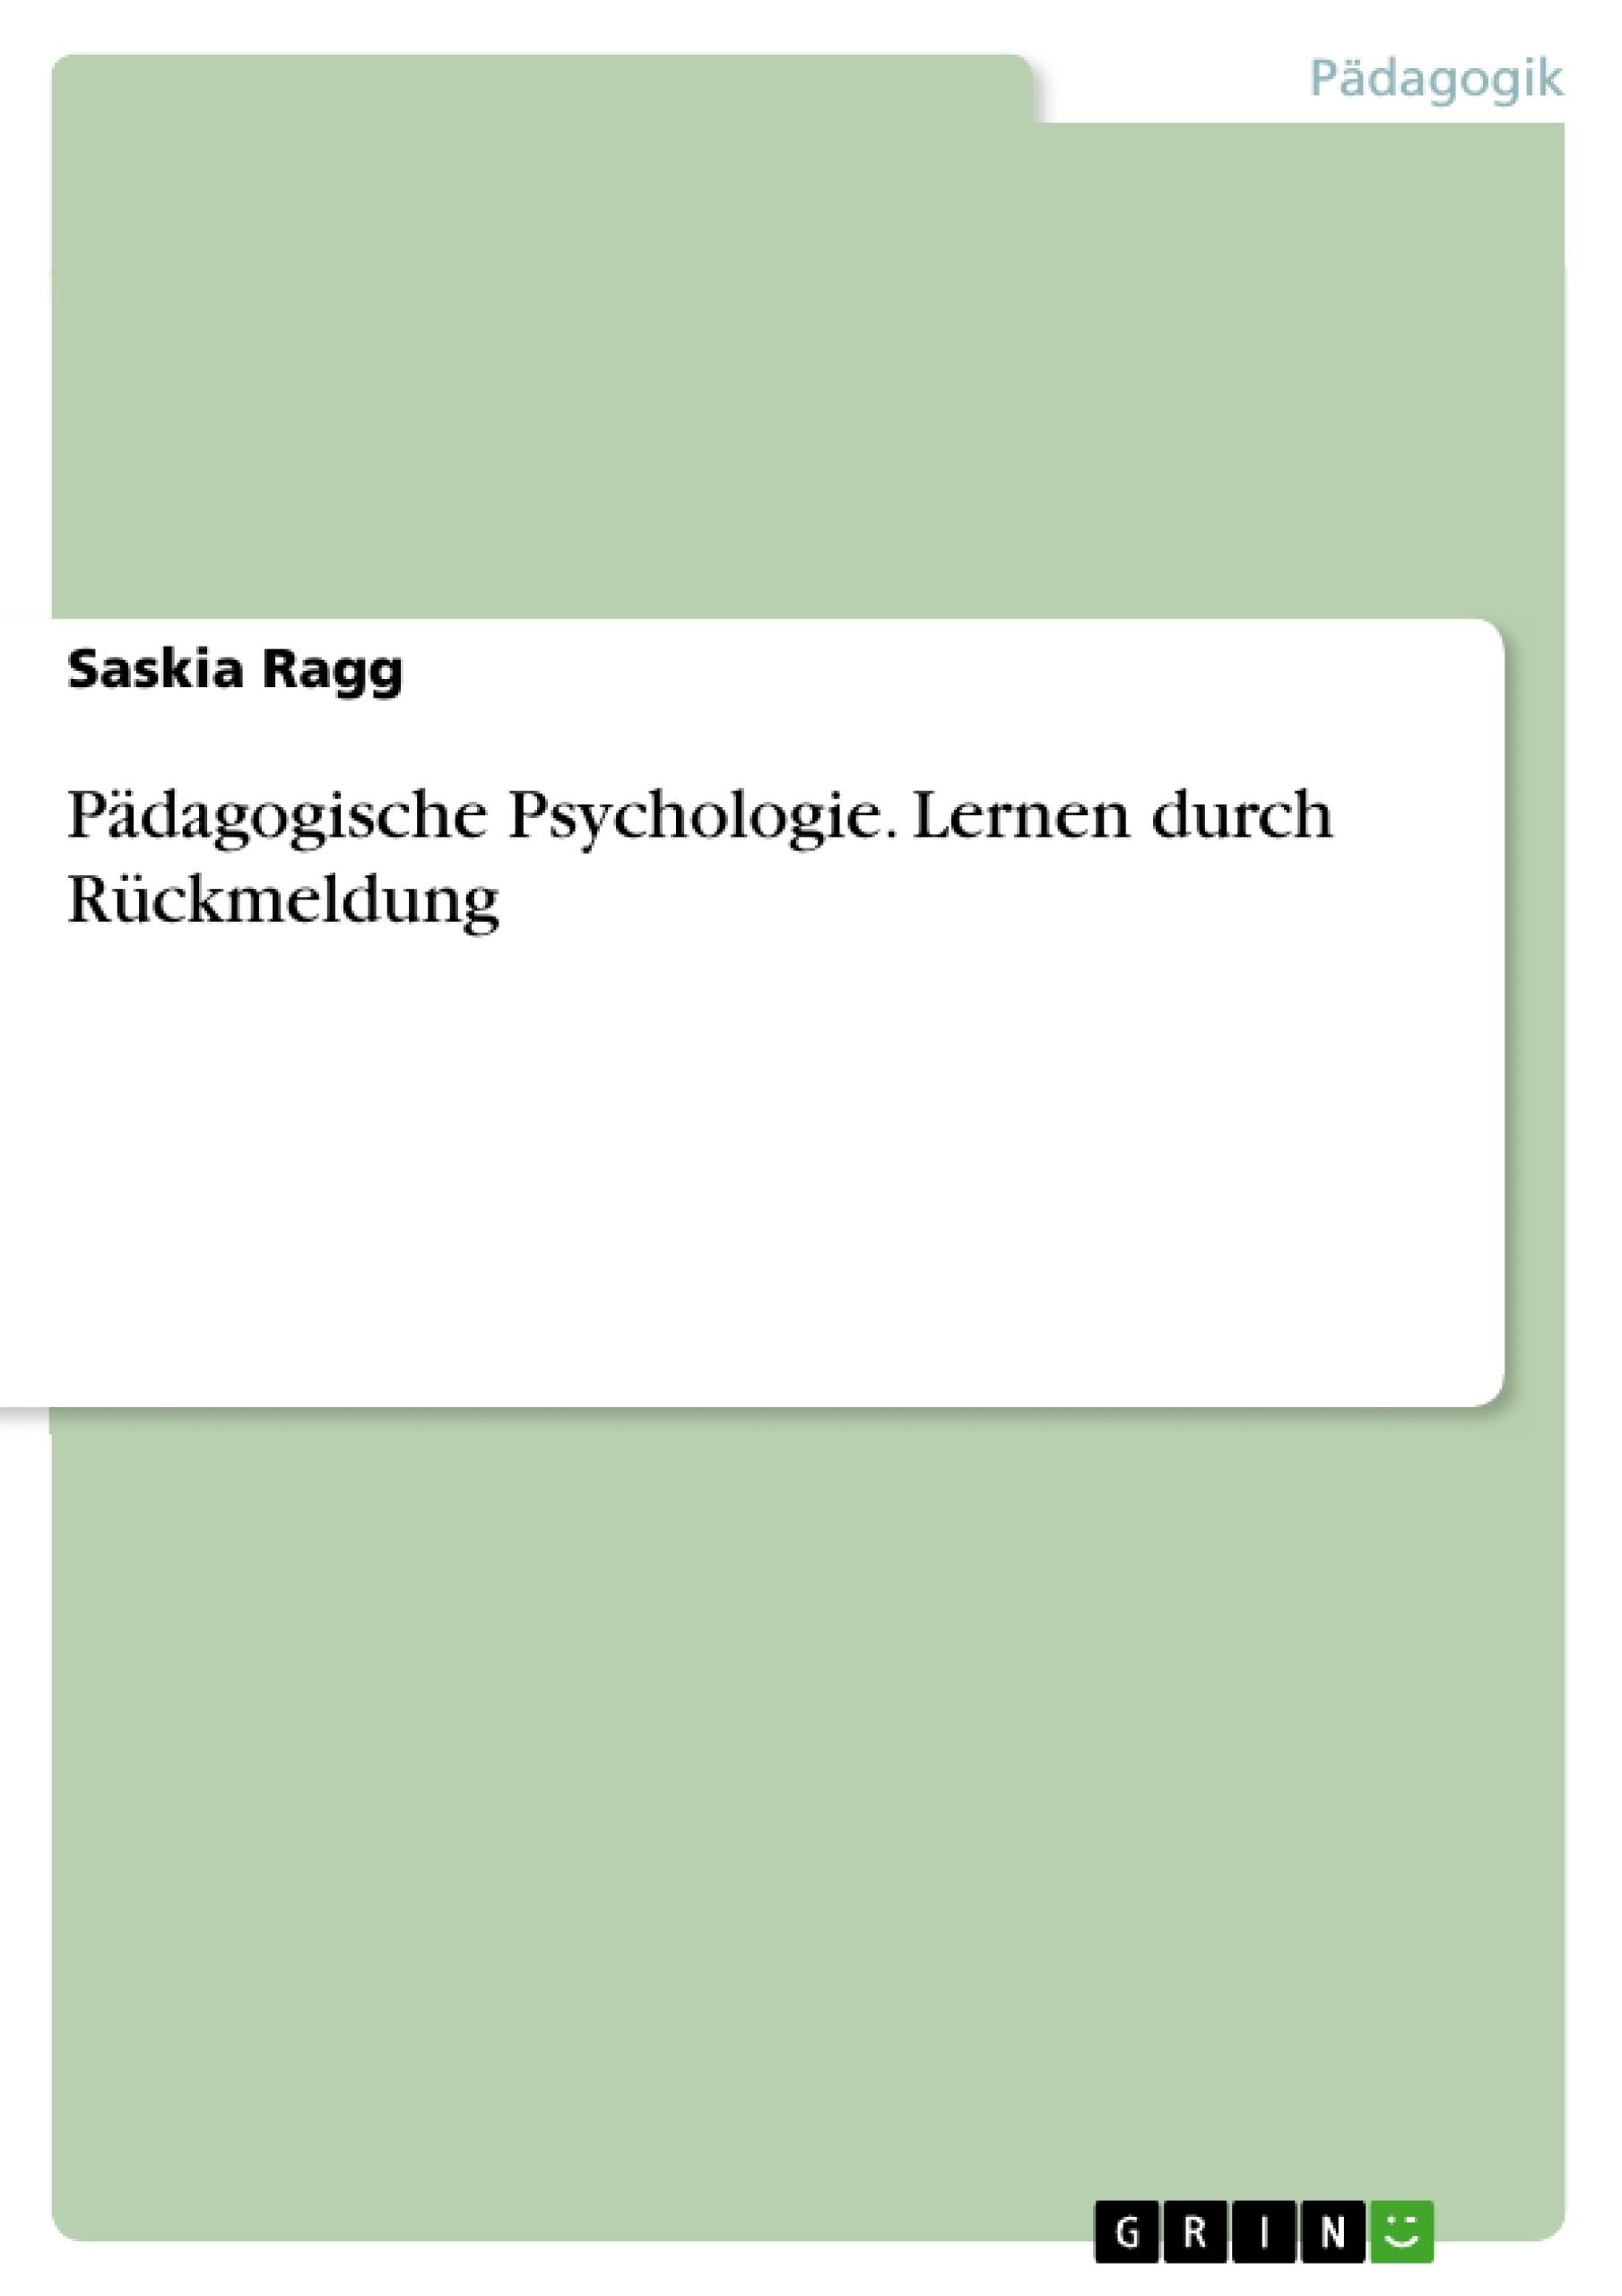 Titel: Pädagogische Psychologie. Lernen durch Rückmeldung